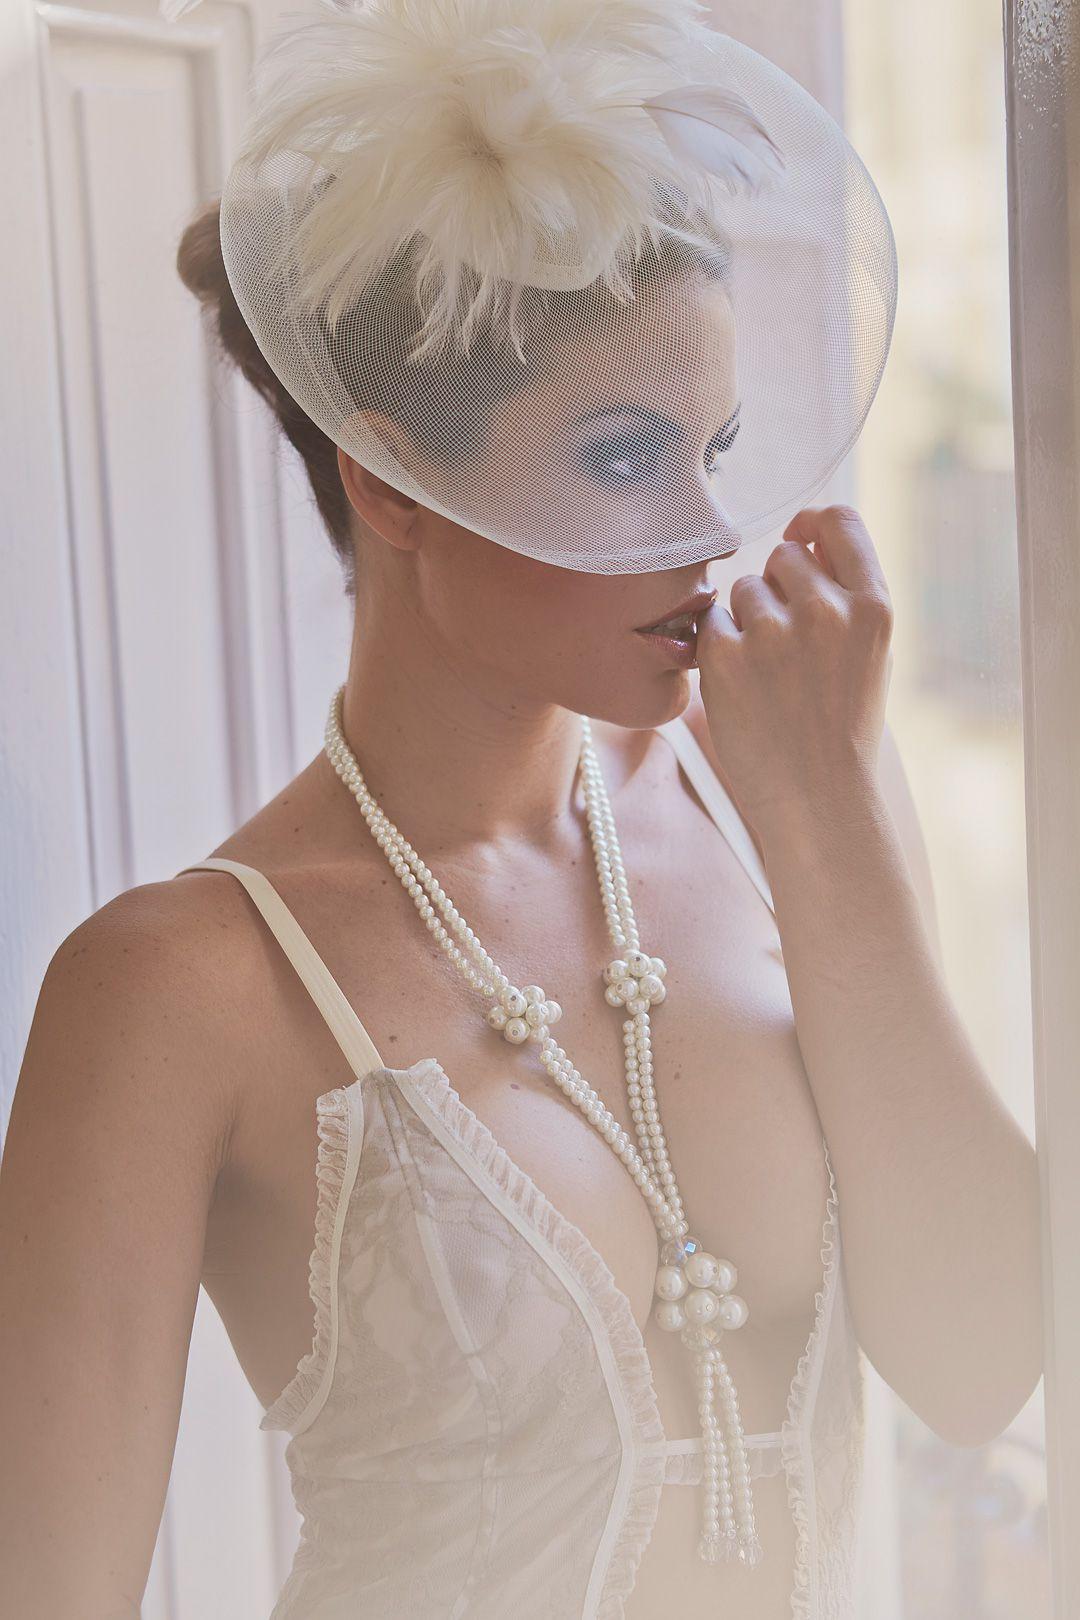 fotos boudoir en domicilio y apartamento de modelo profesional sensual madrid Rocío Z 60 jpg